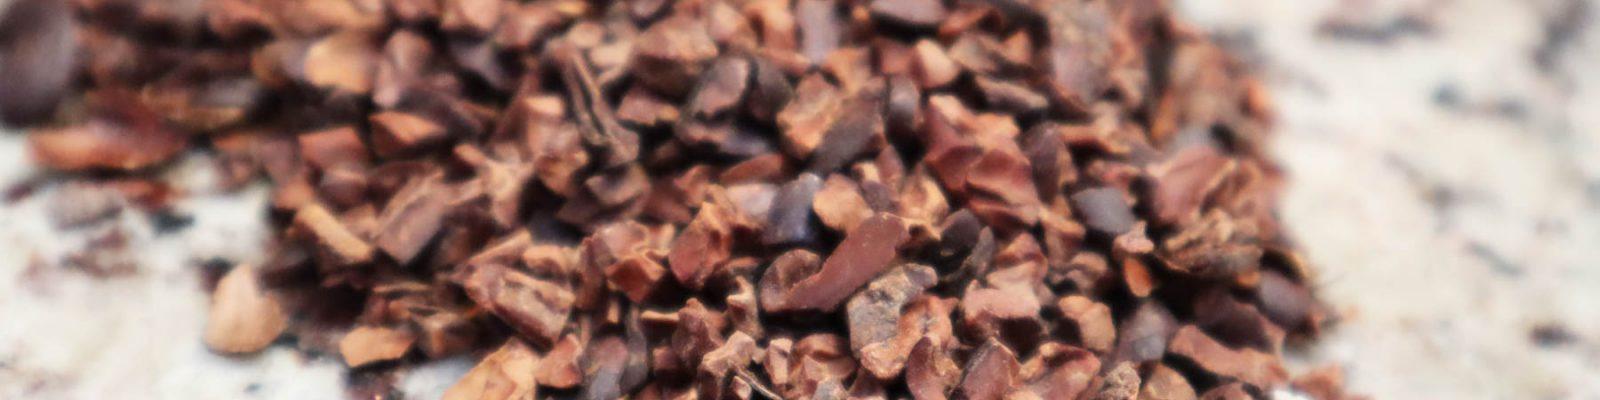 Chocolat bio L'attelier-Graines d'ici